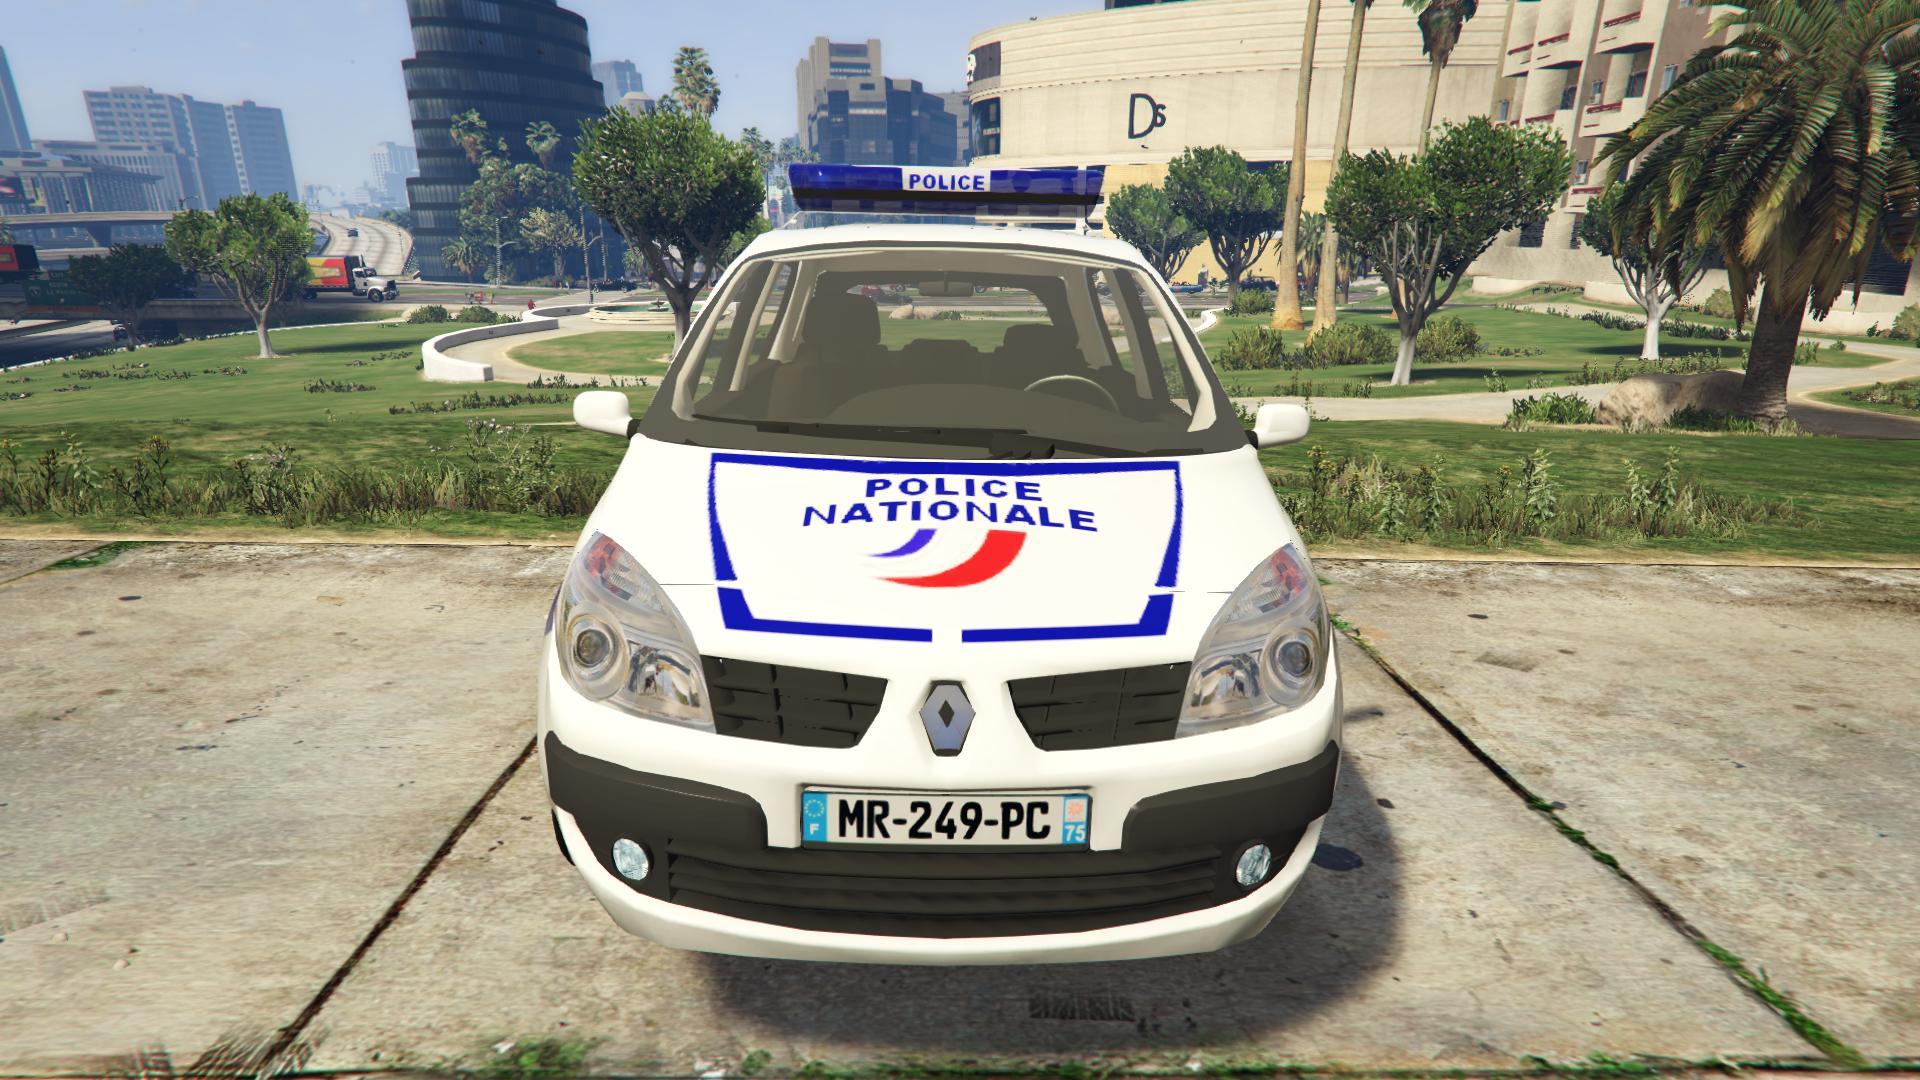 renault scenic ii police nationale vehicules pour gta v sur gta modding. Black Bedroom Furniture Sets. Home Design Ideas